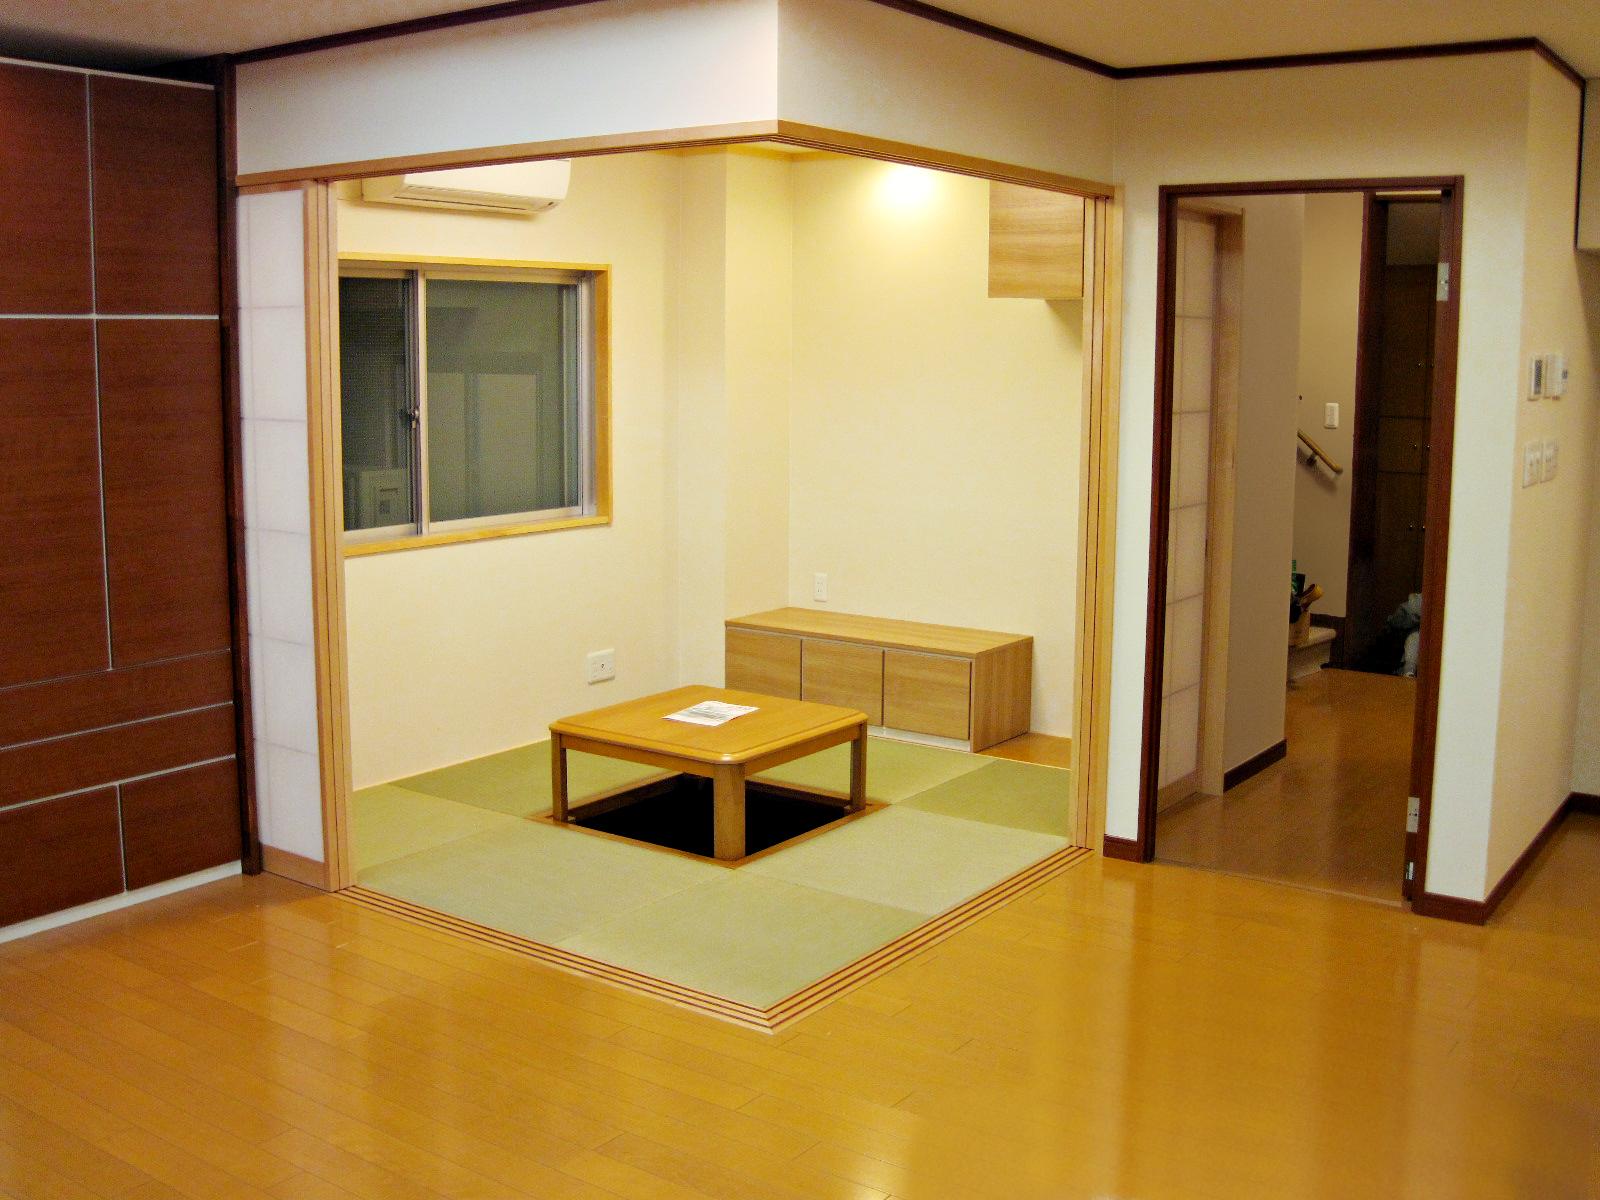 施工事例|協和営造|東京都|LIXILリフォームショップ